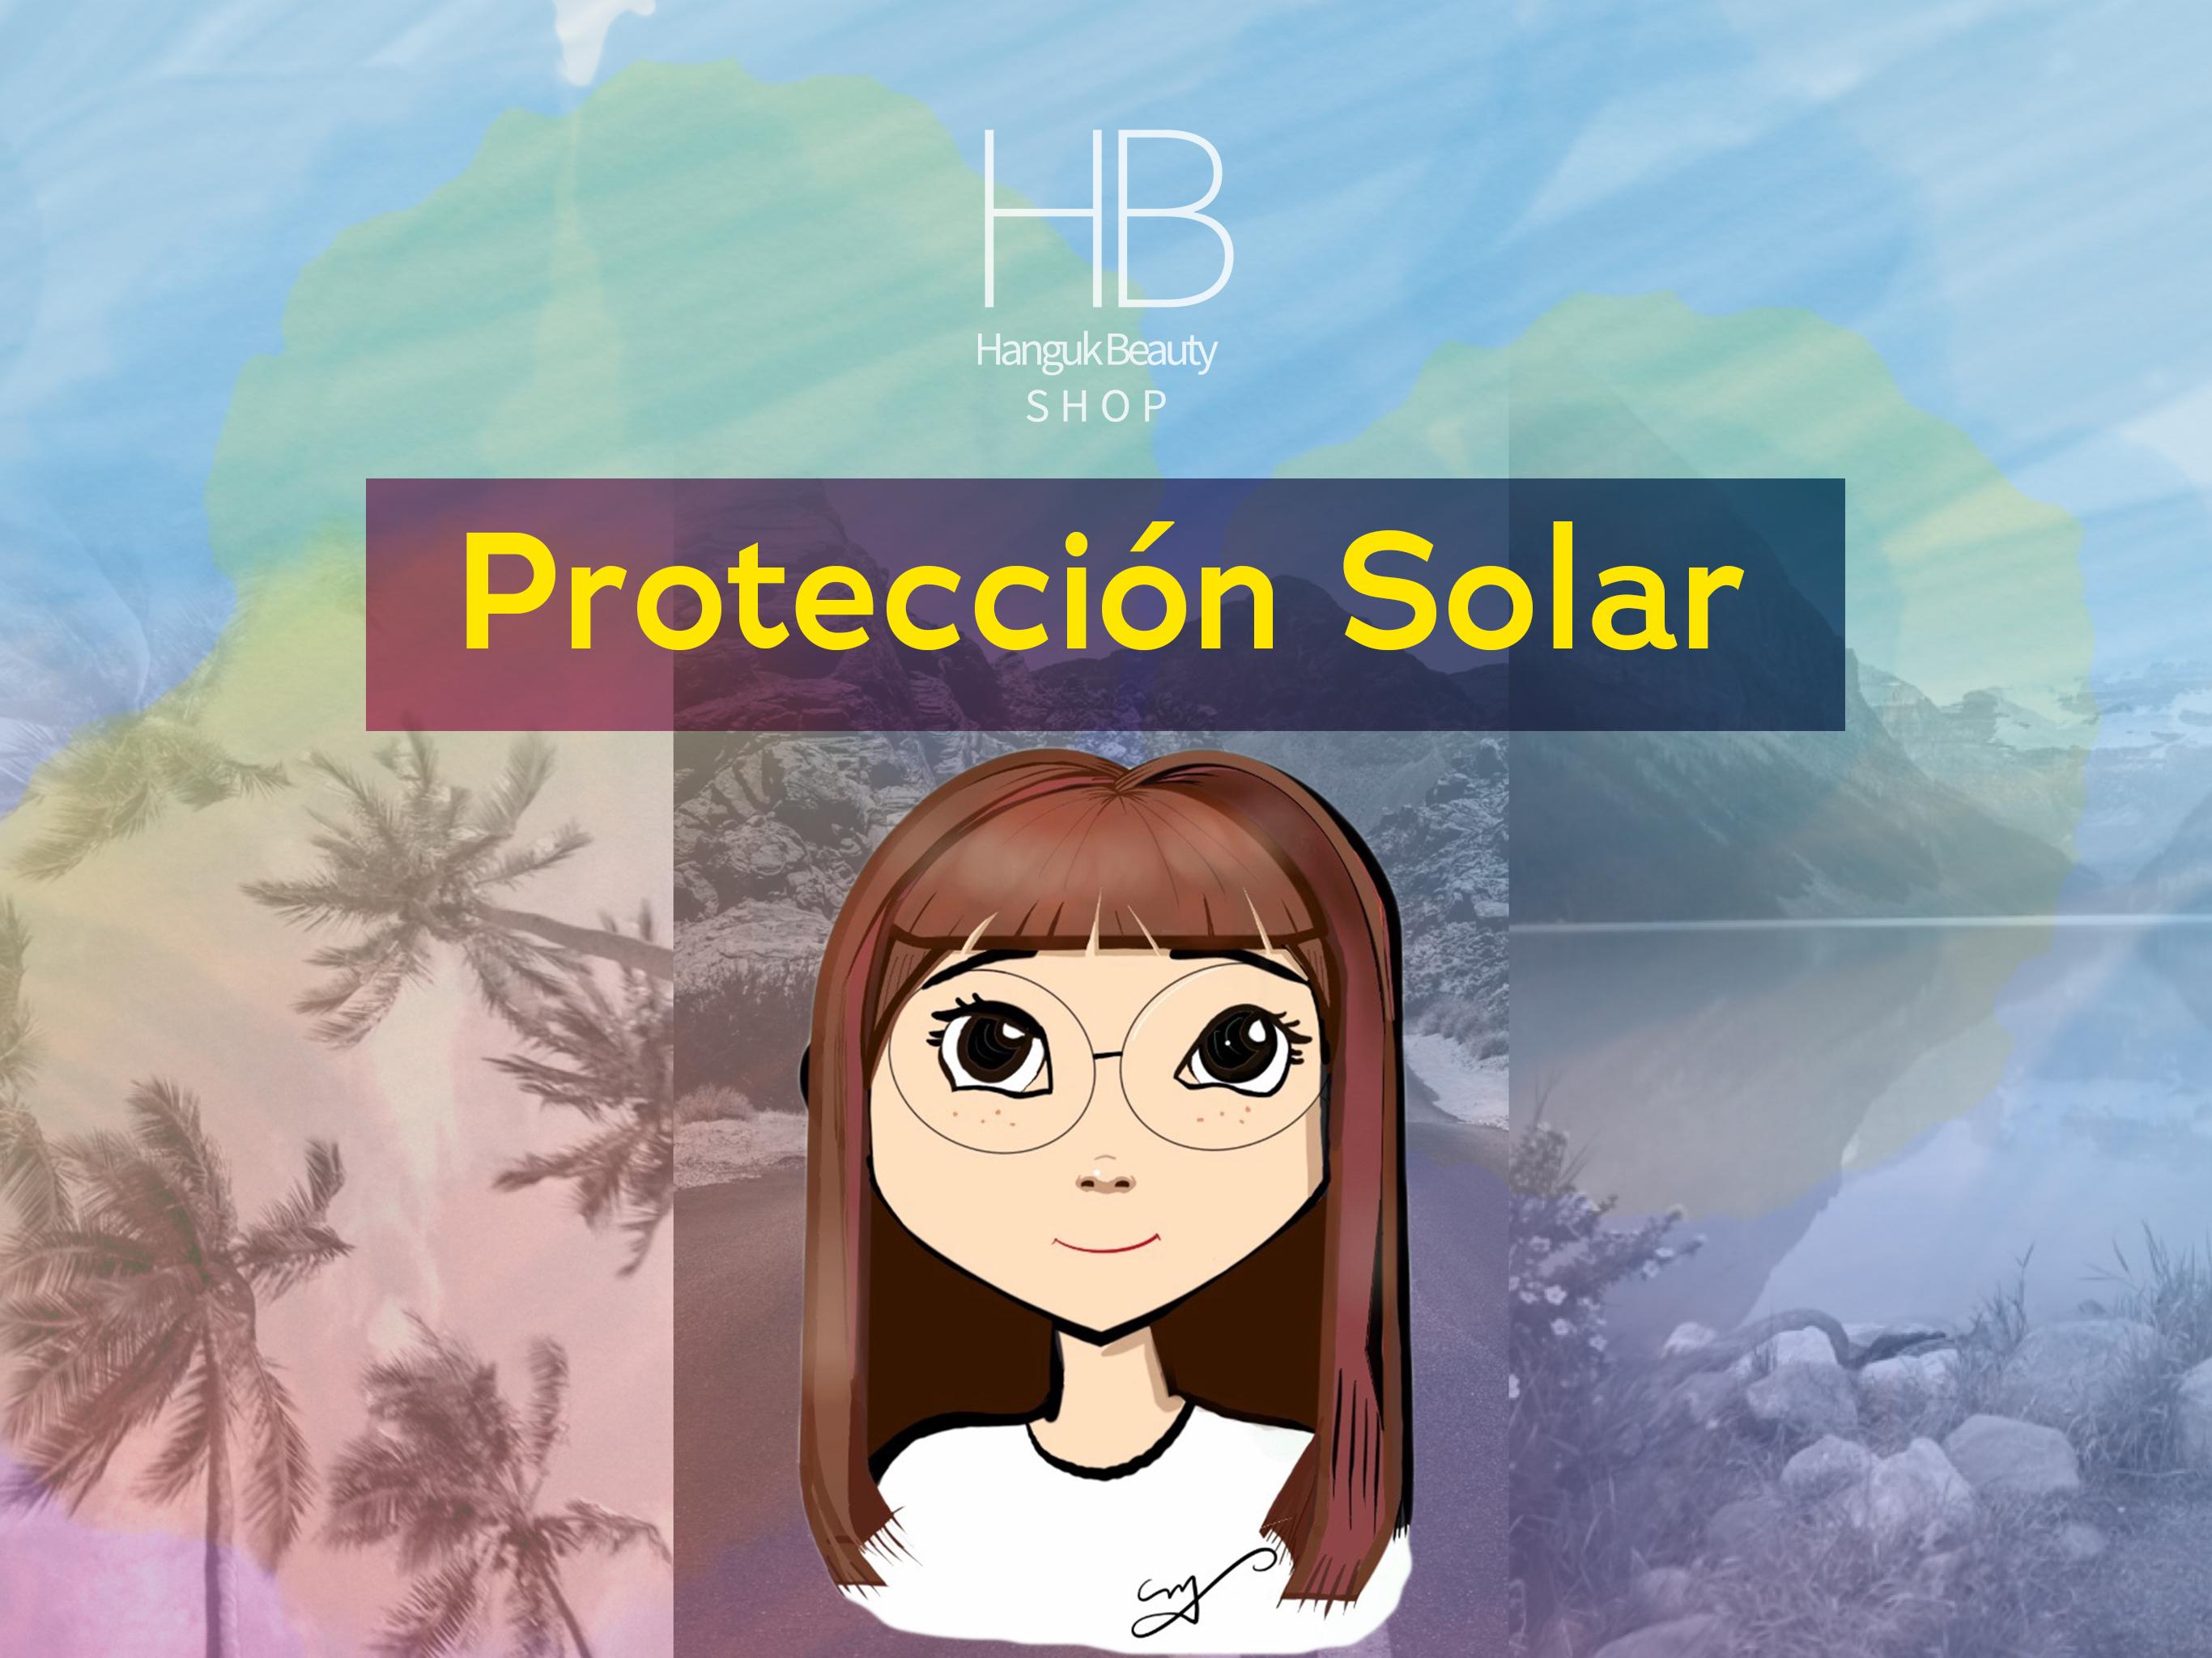 Protección Solar - Verano